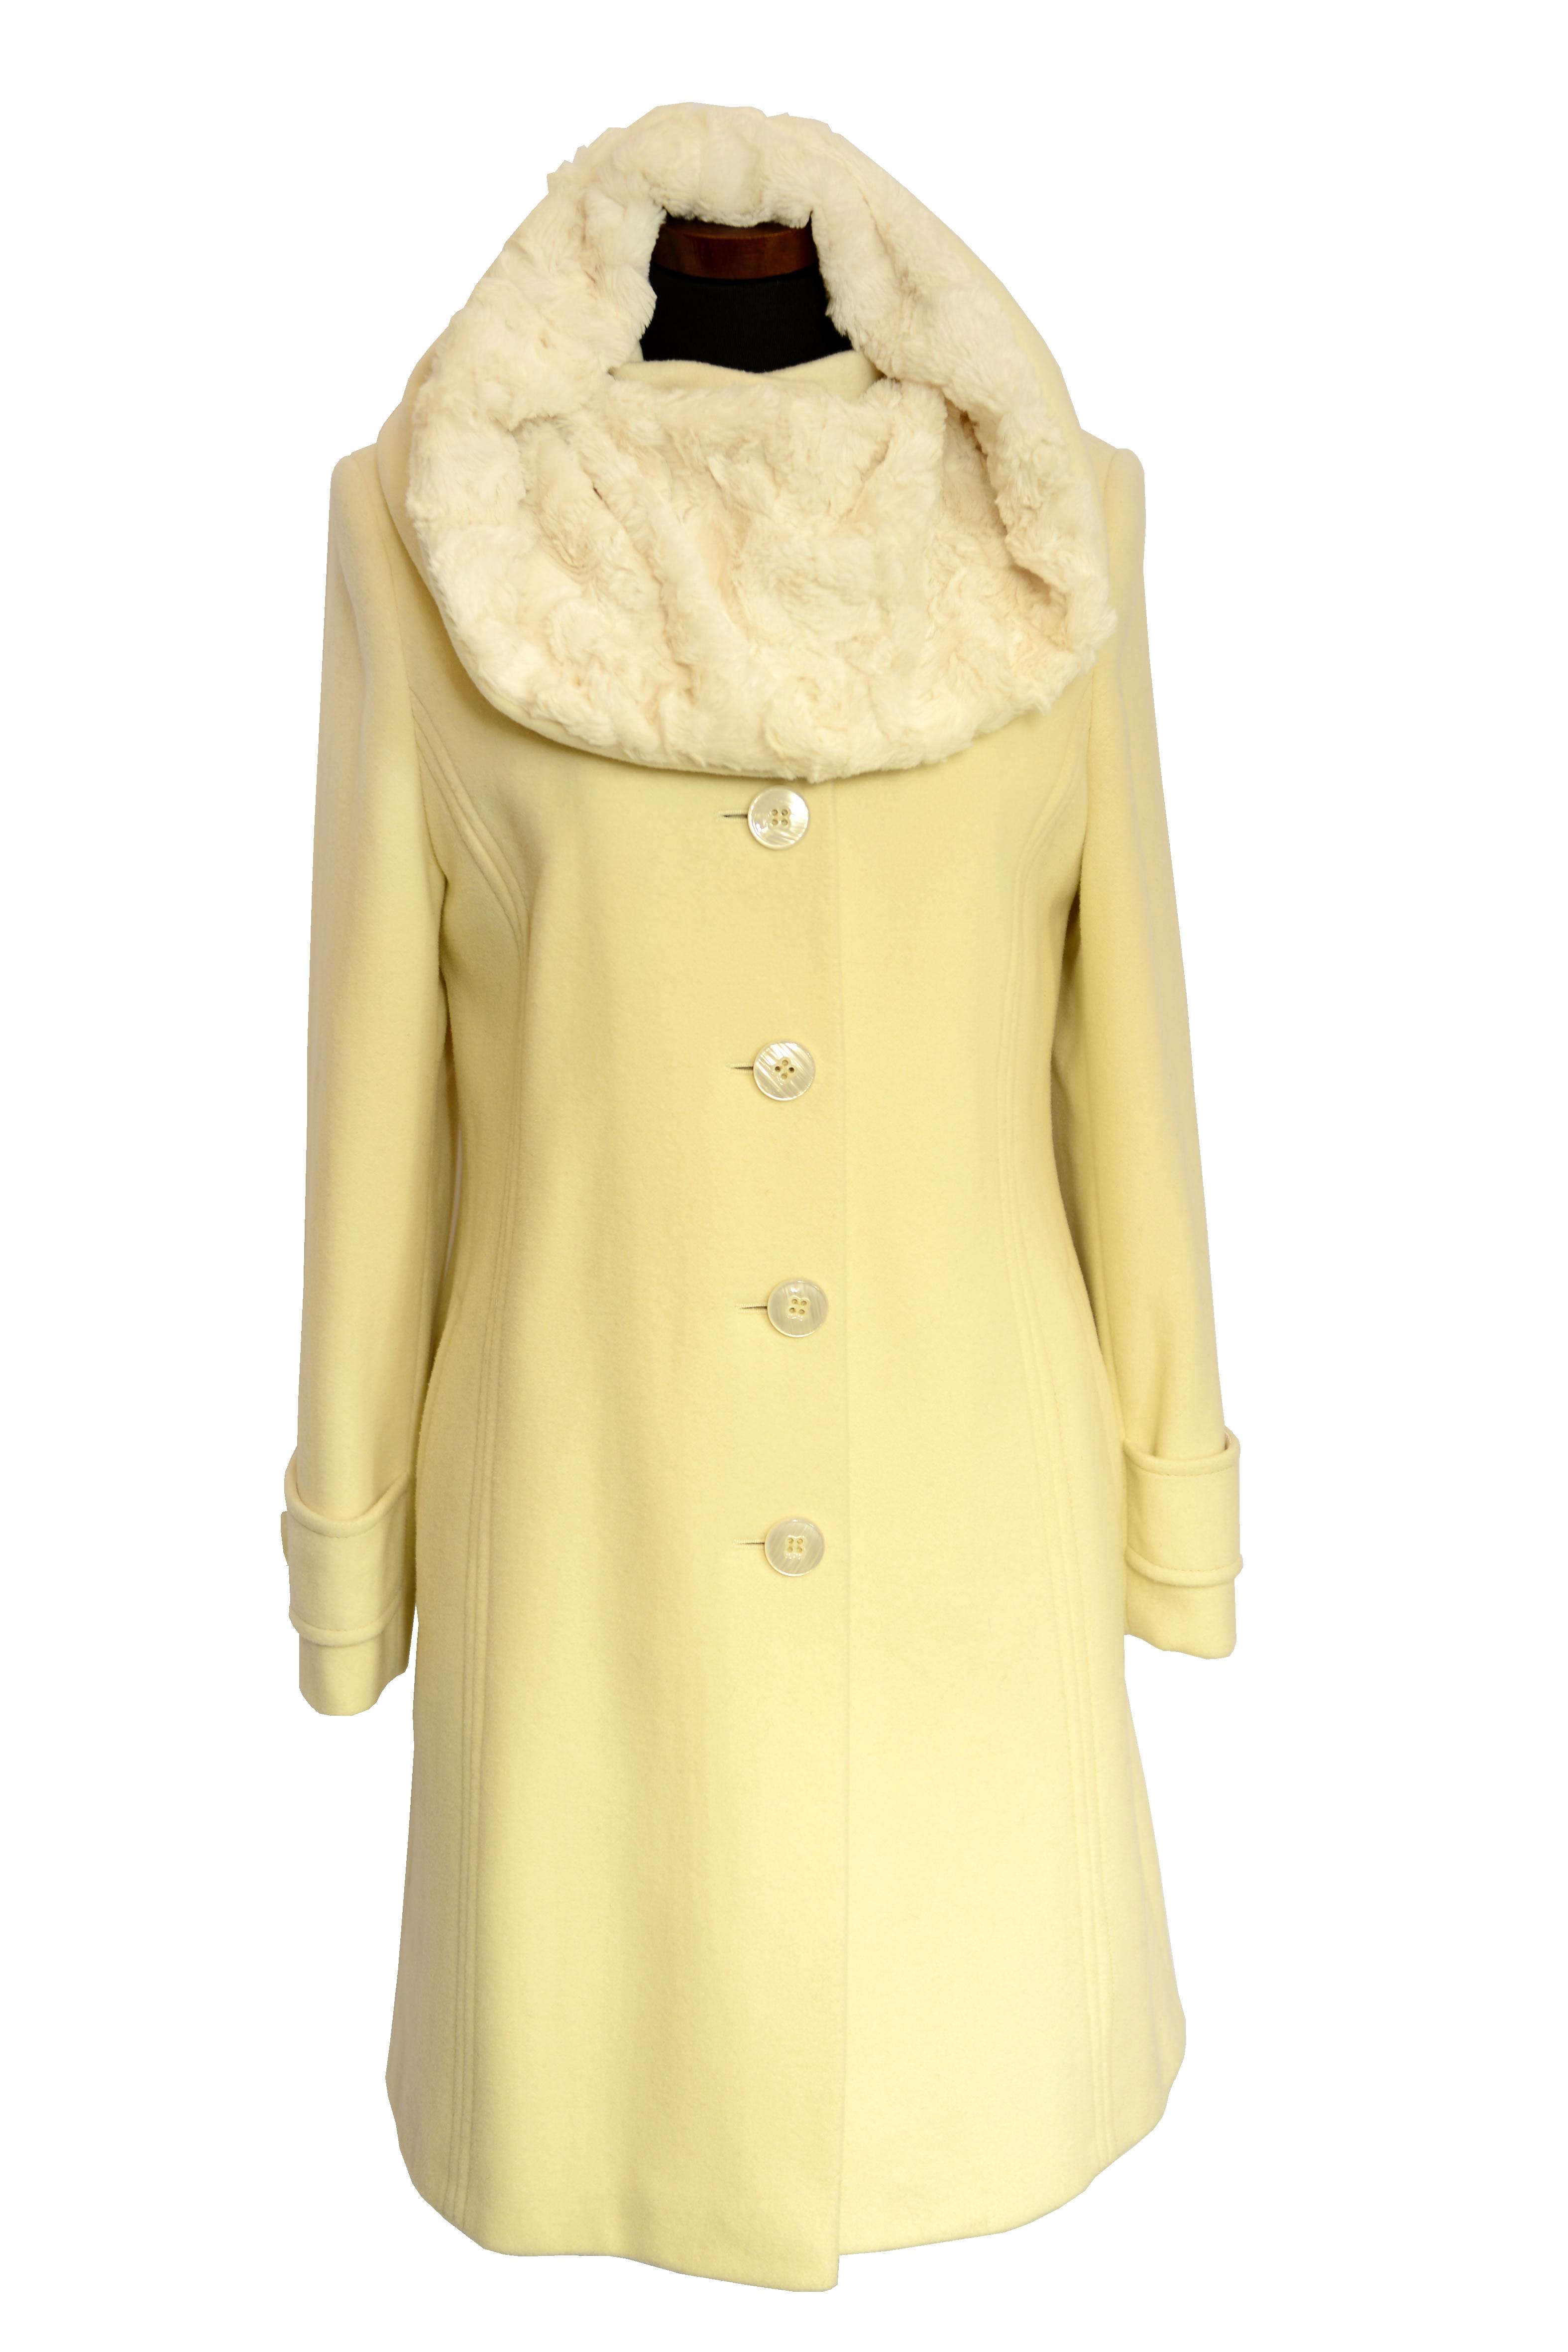 af3d0f8c5 Trojštvrťový dámsky vlnený kabát Janka - kabátyžilina